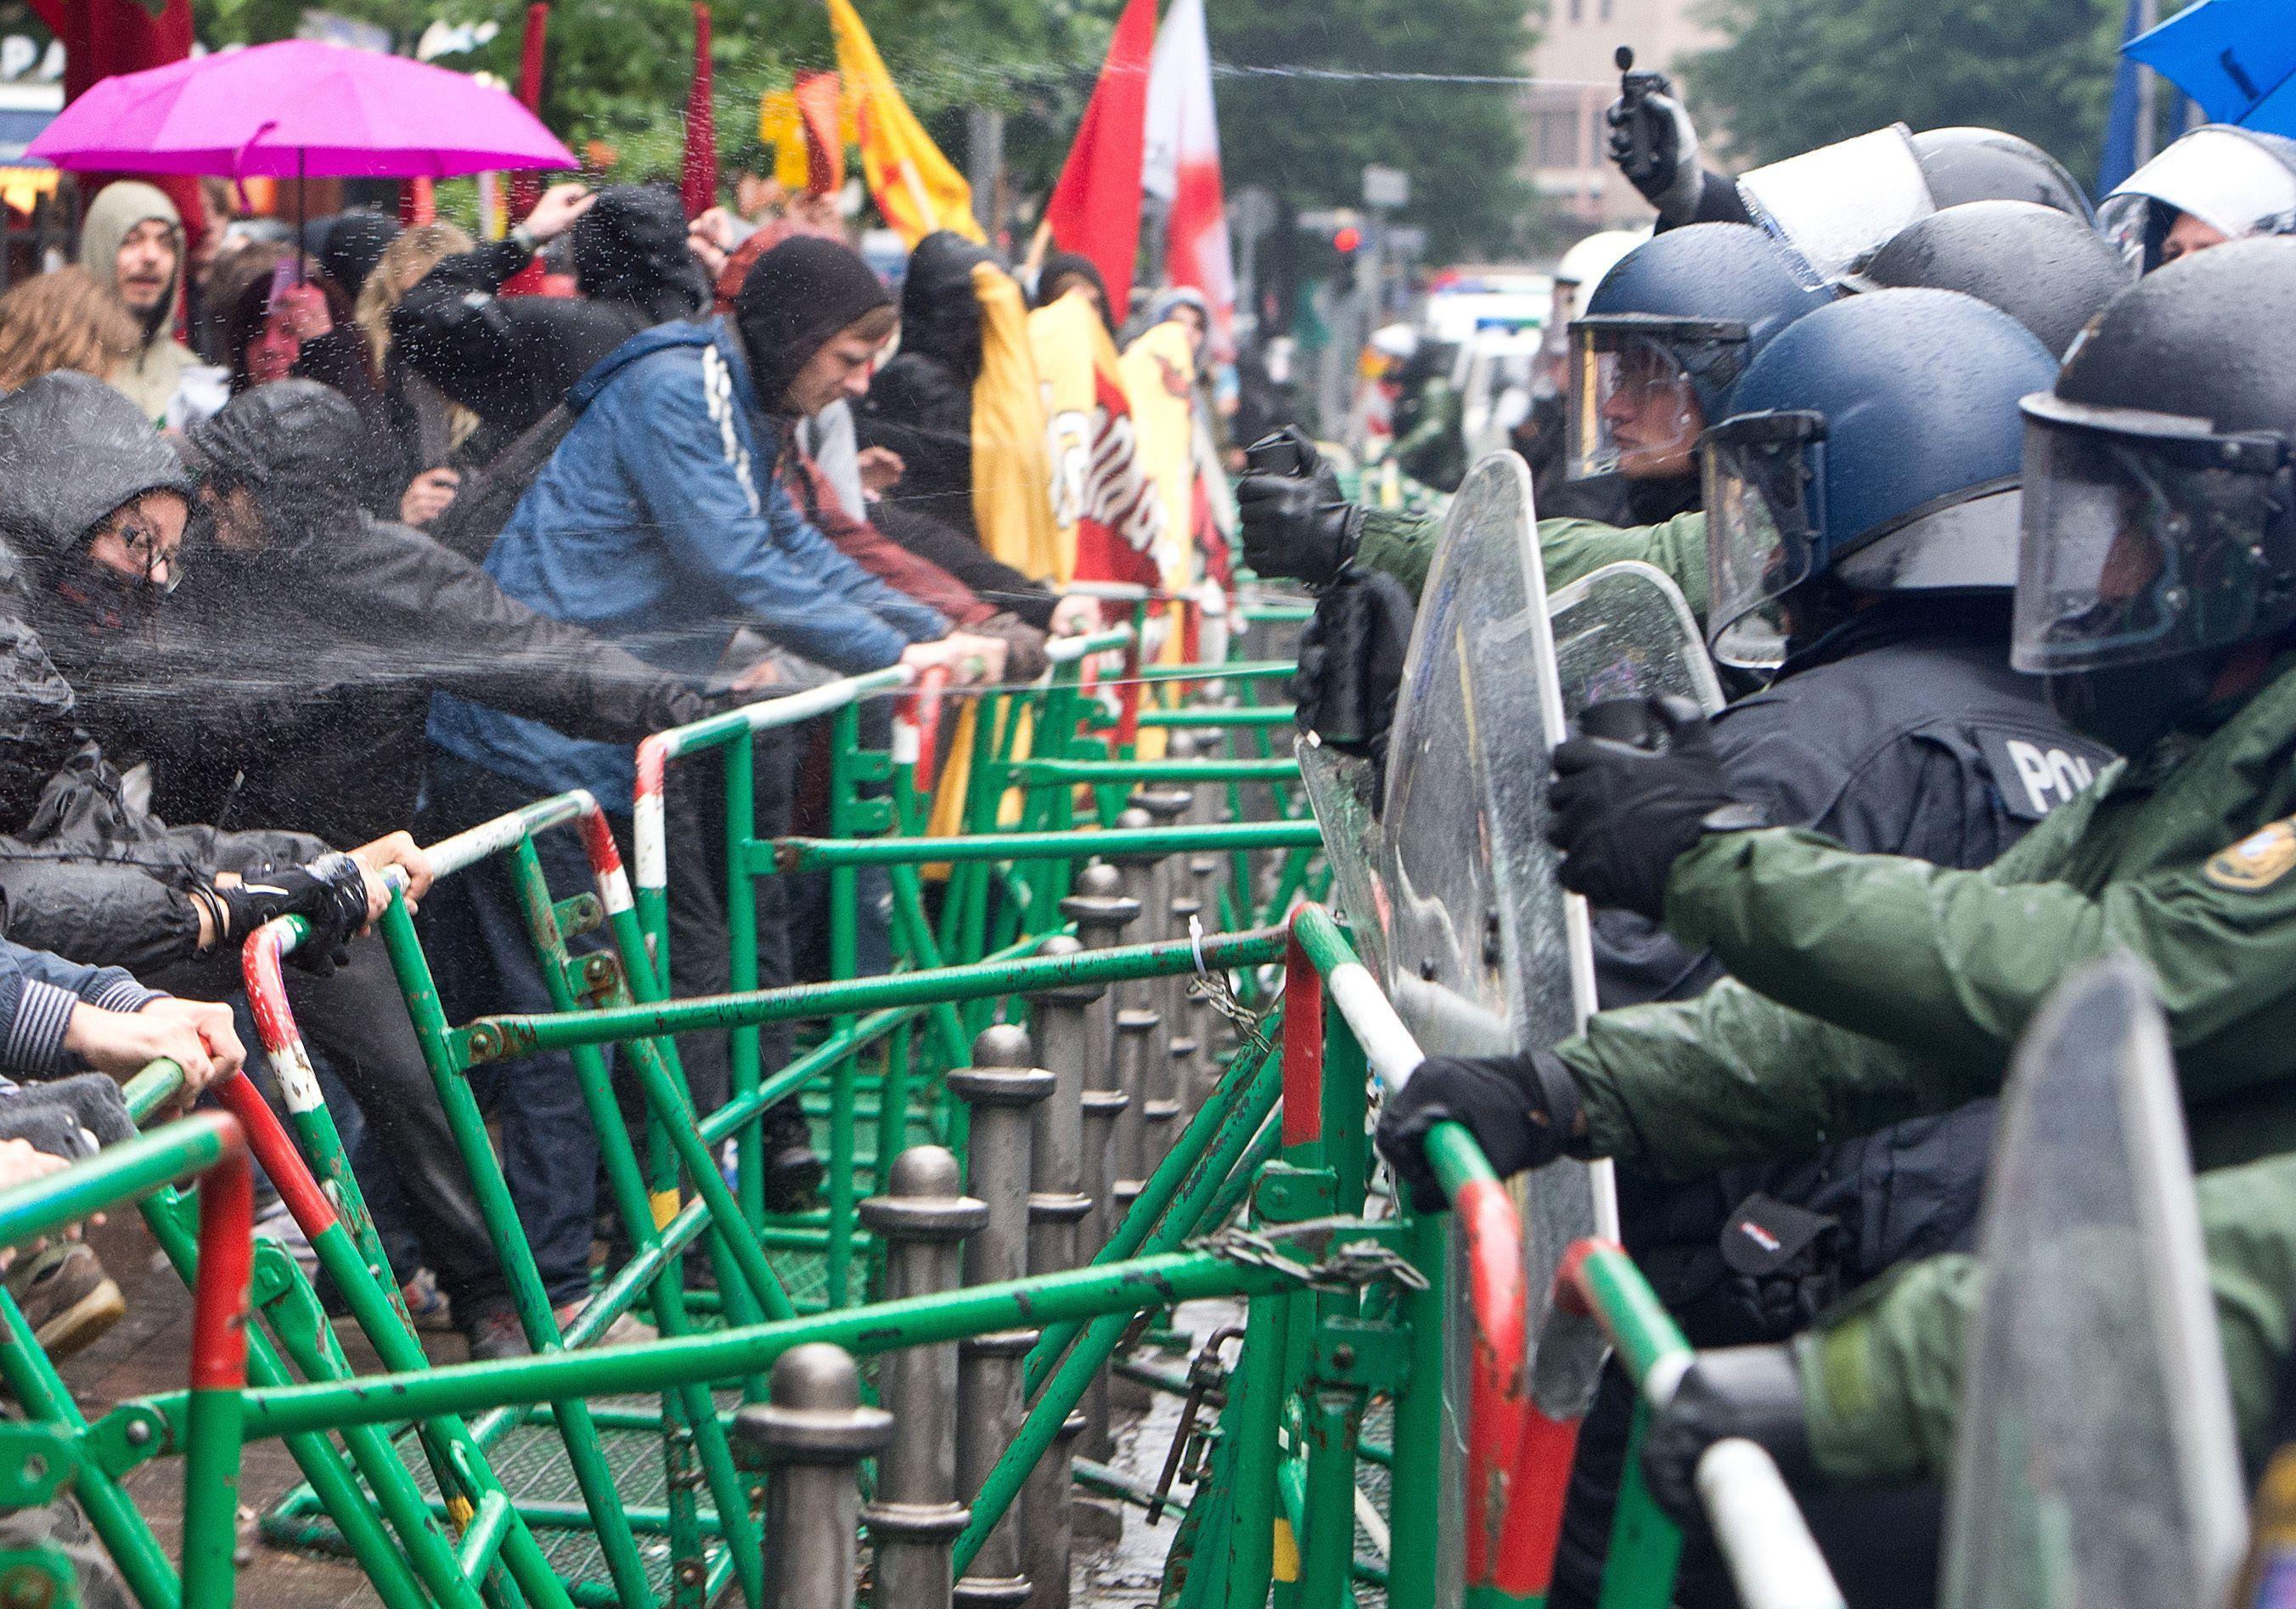 Protestele anti-austeritate de la Frankfurt s-au incheiat. Peste 1.000 de oameni au iesit in strada